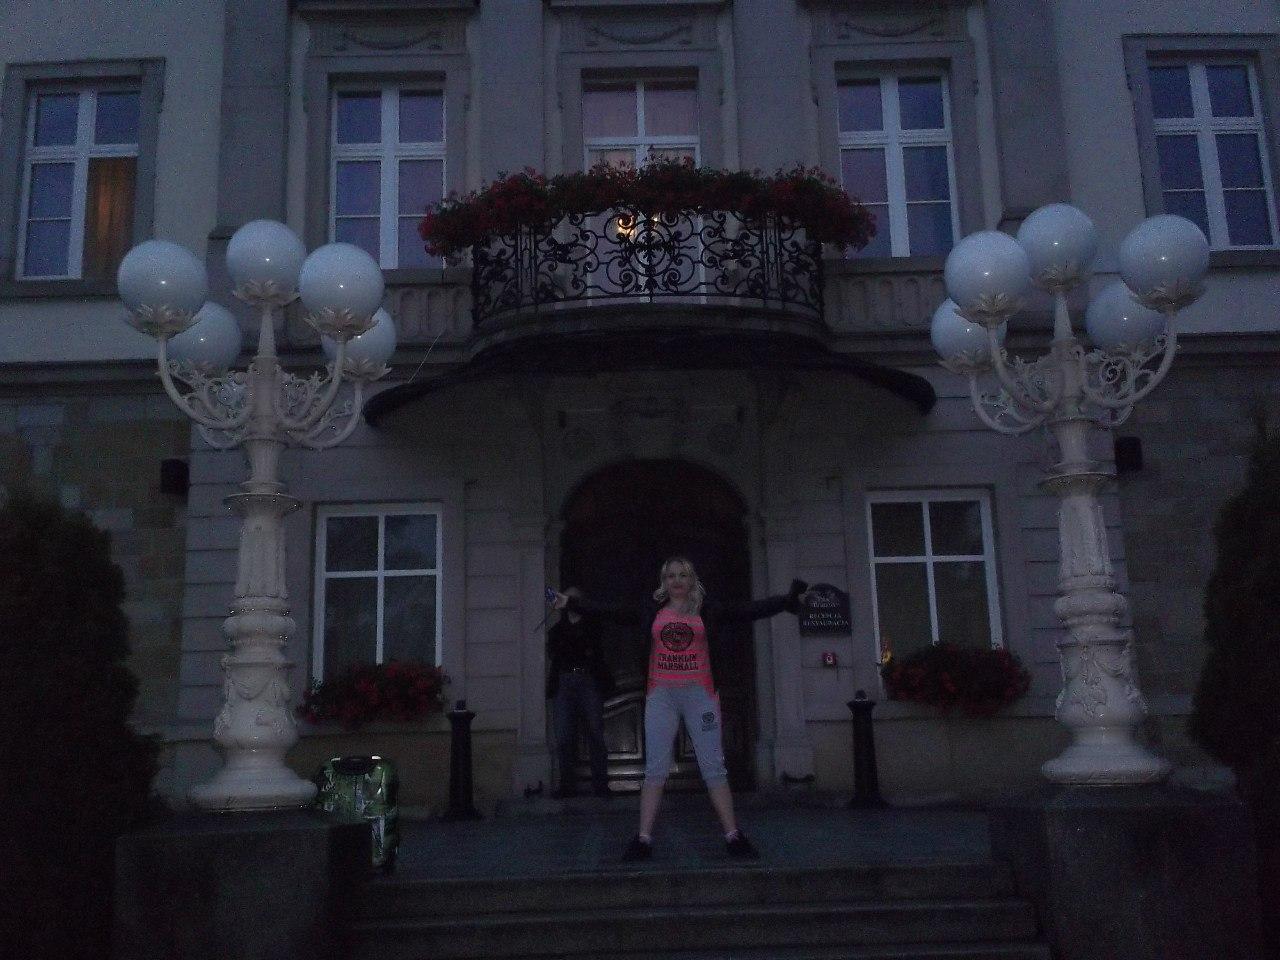 Елена Руденко. Польша. 2013 г. июнь. GswN0mOGbuo